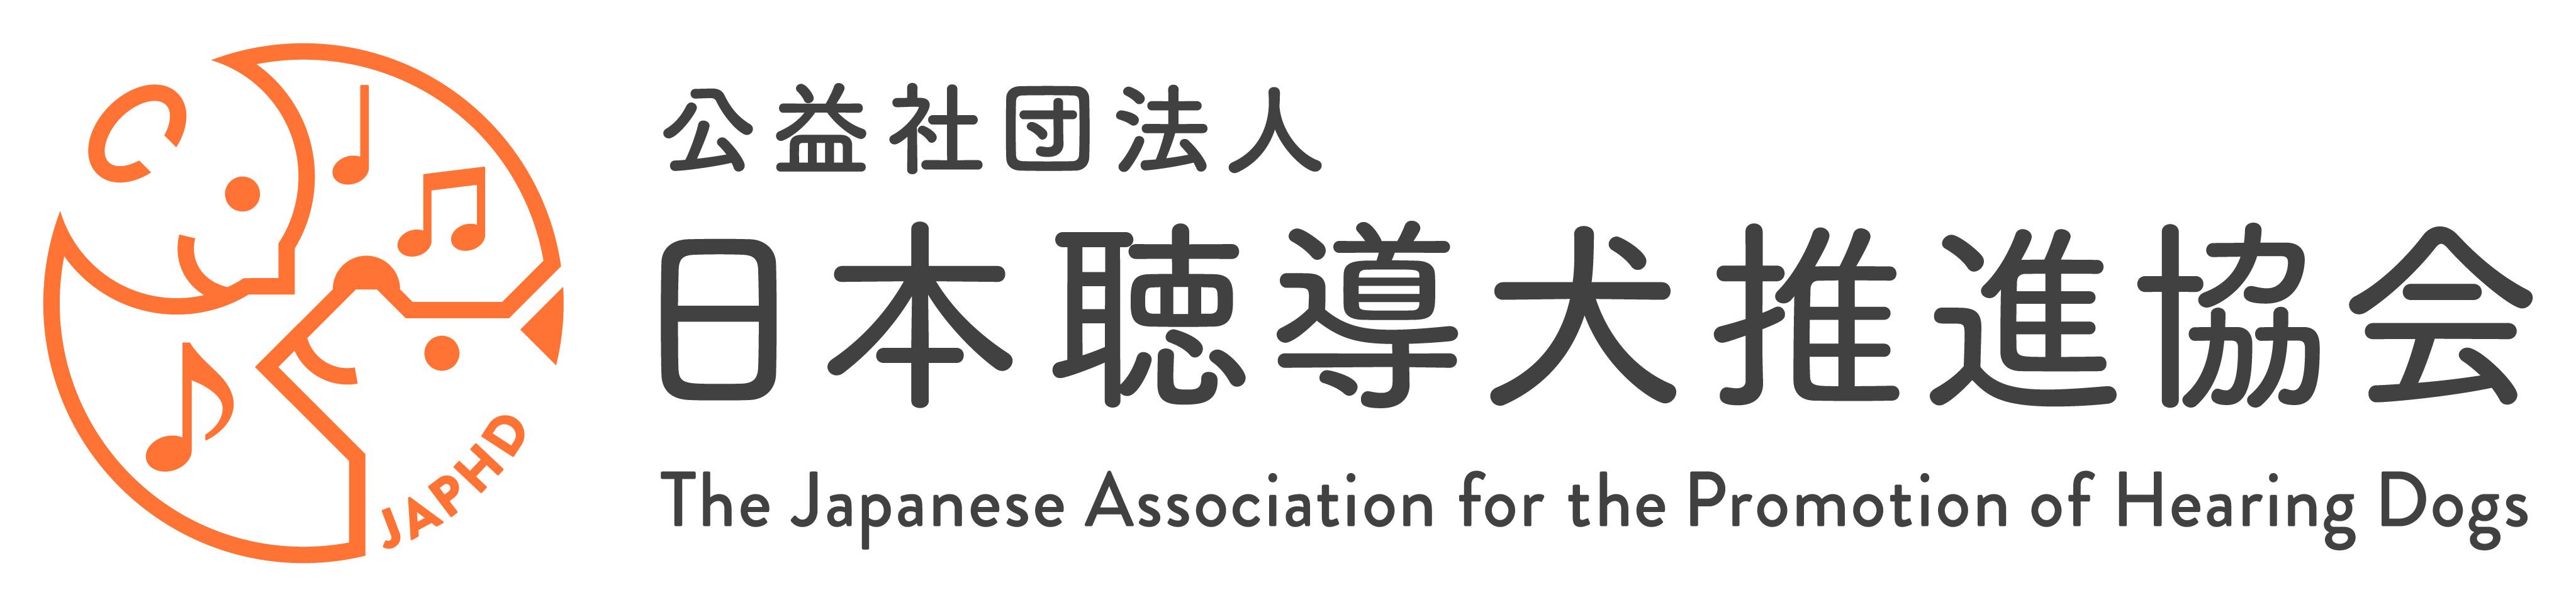 日本聴導犬推進協会